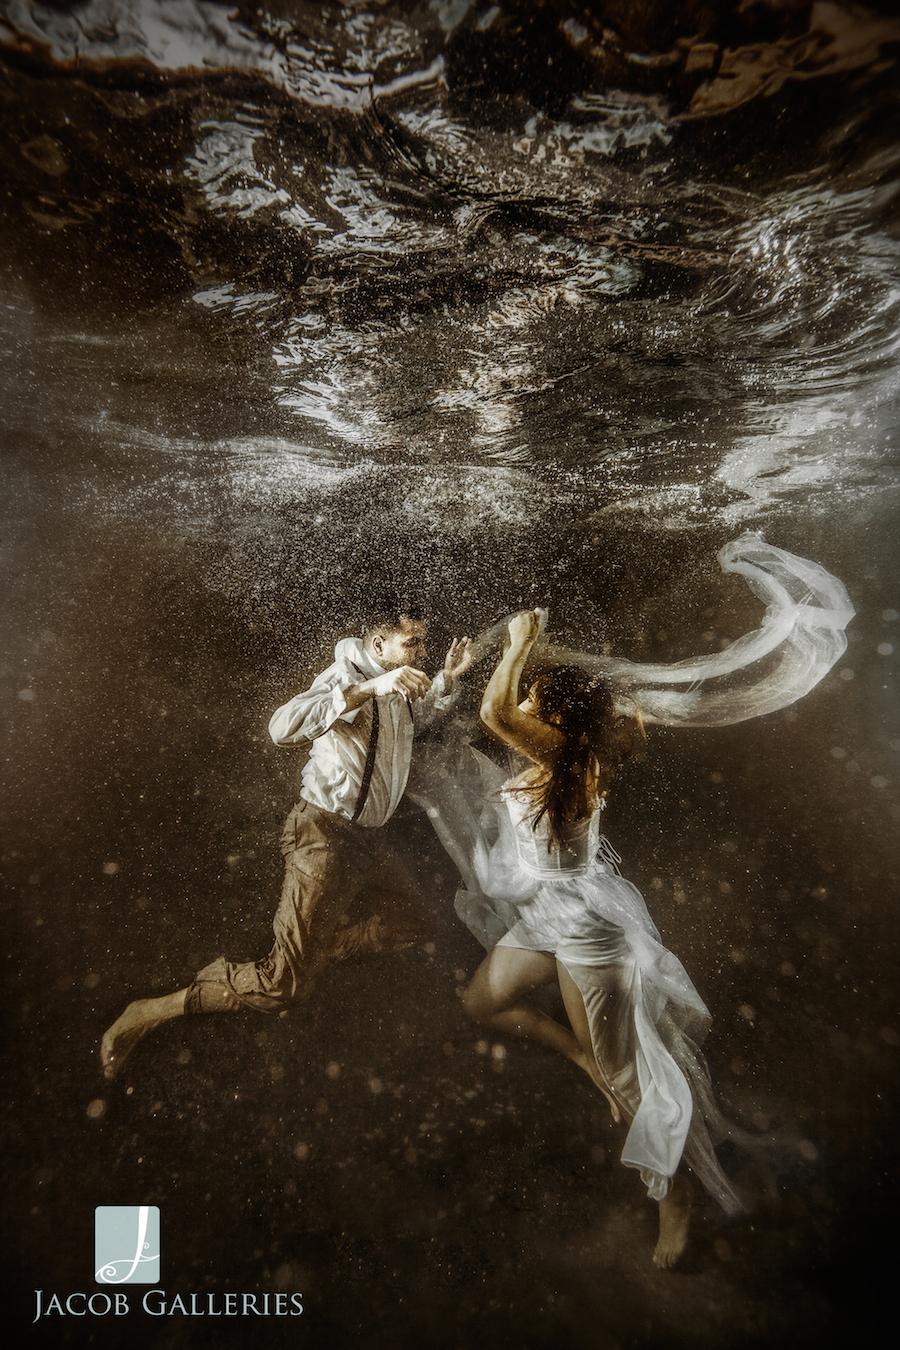 Spectacular Bride_JcbGalleriesStyleShootUnderwaterBLOG02